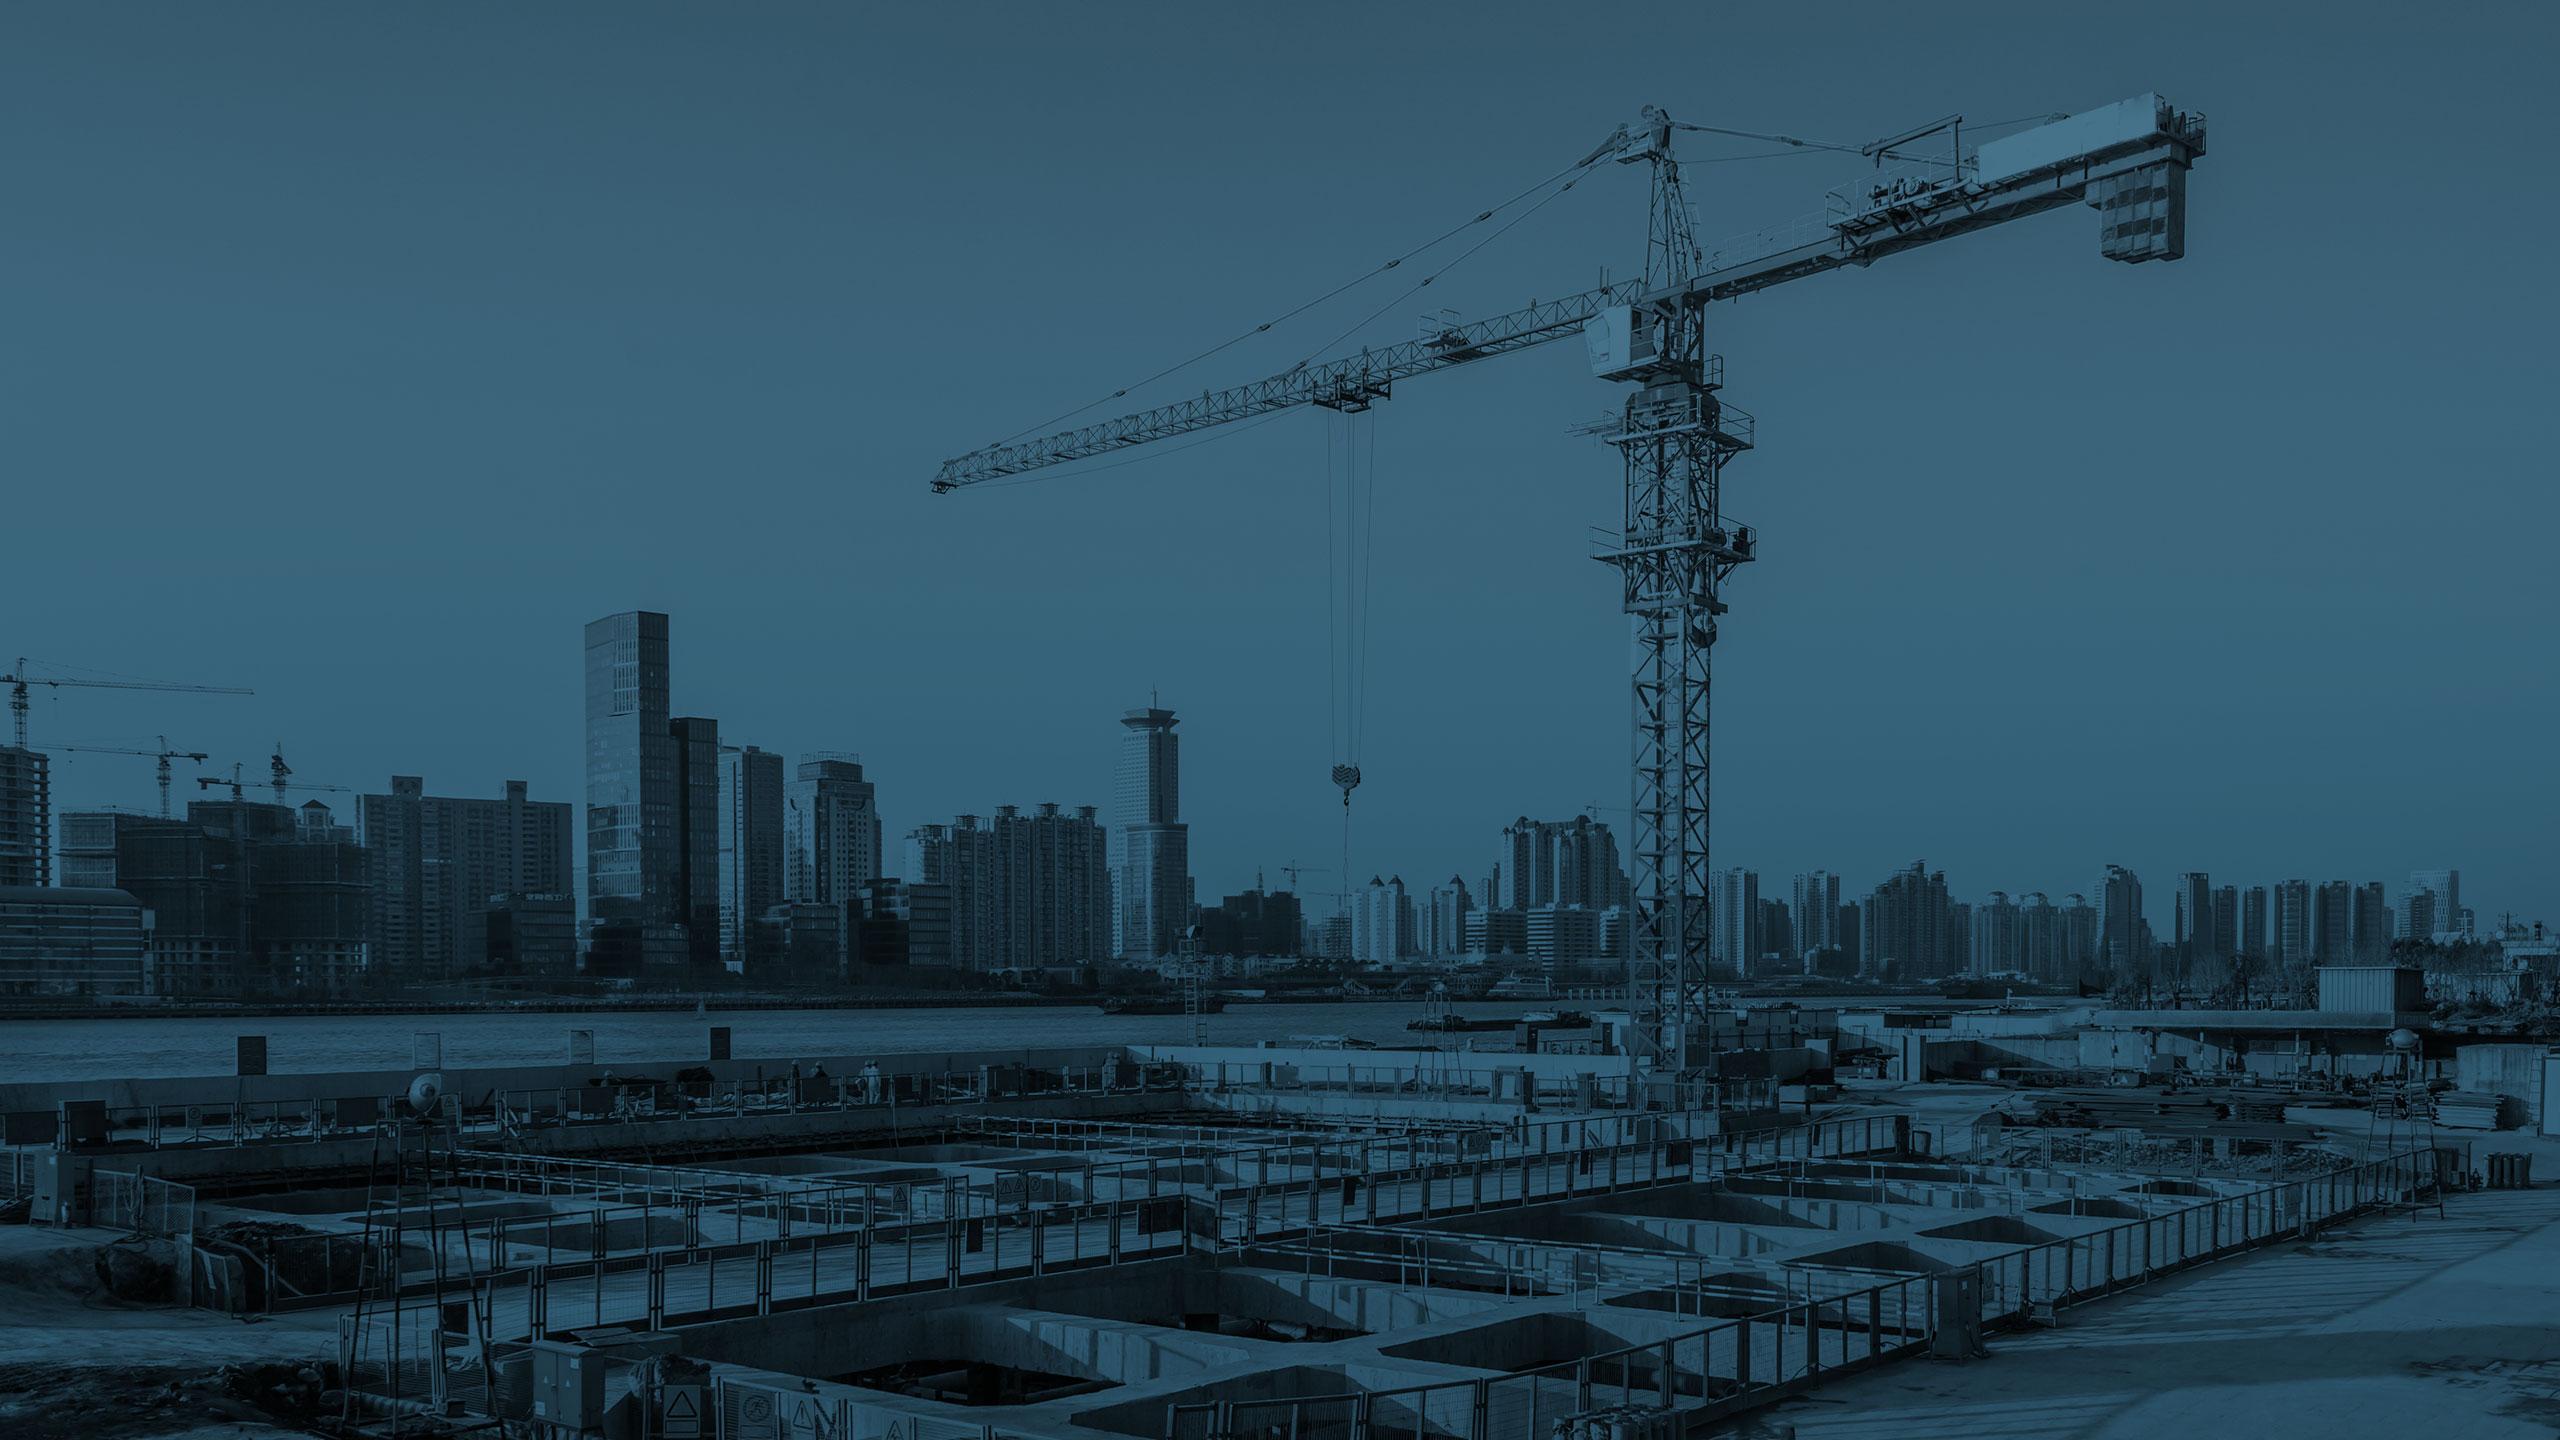 IMAGE-Crane over cityscape